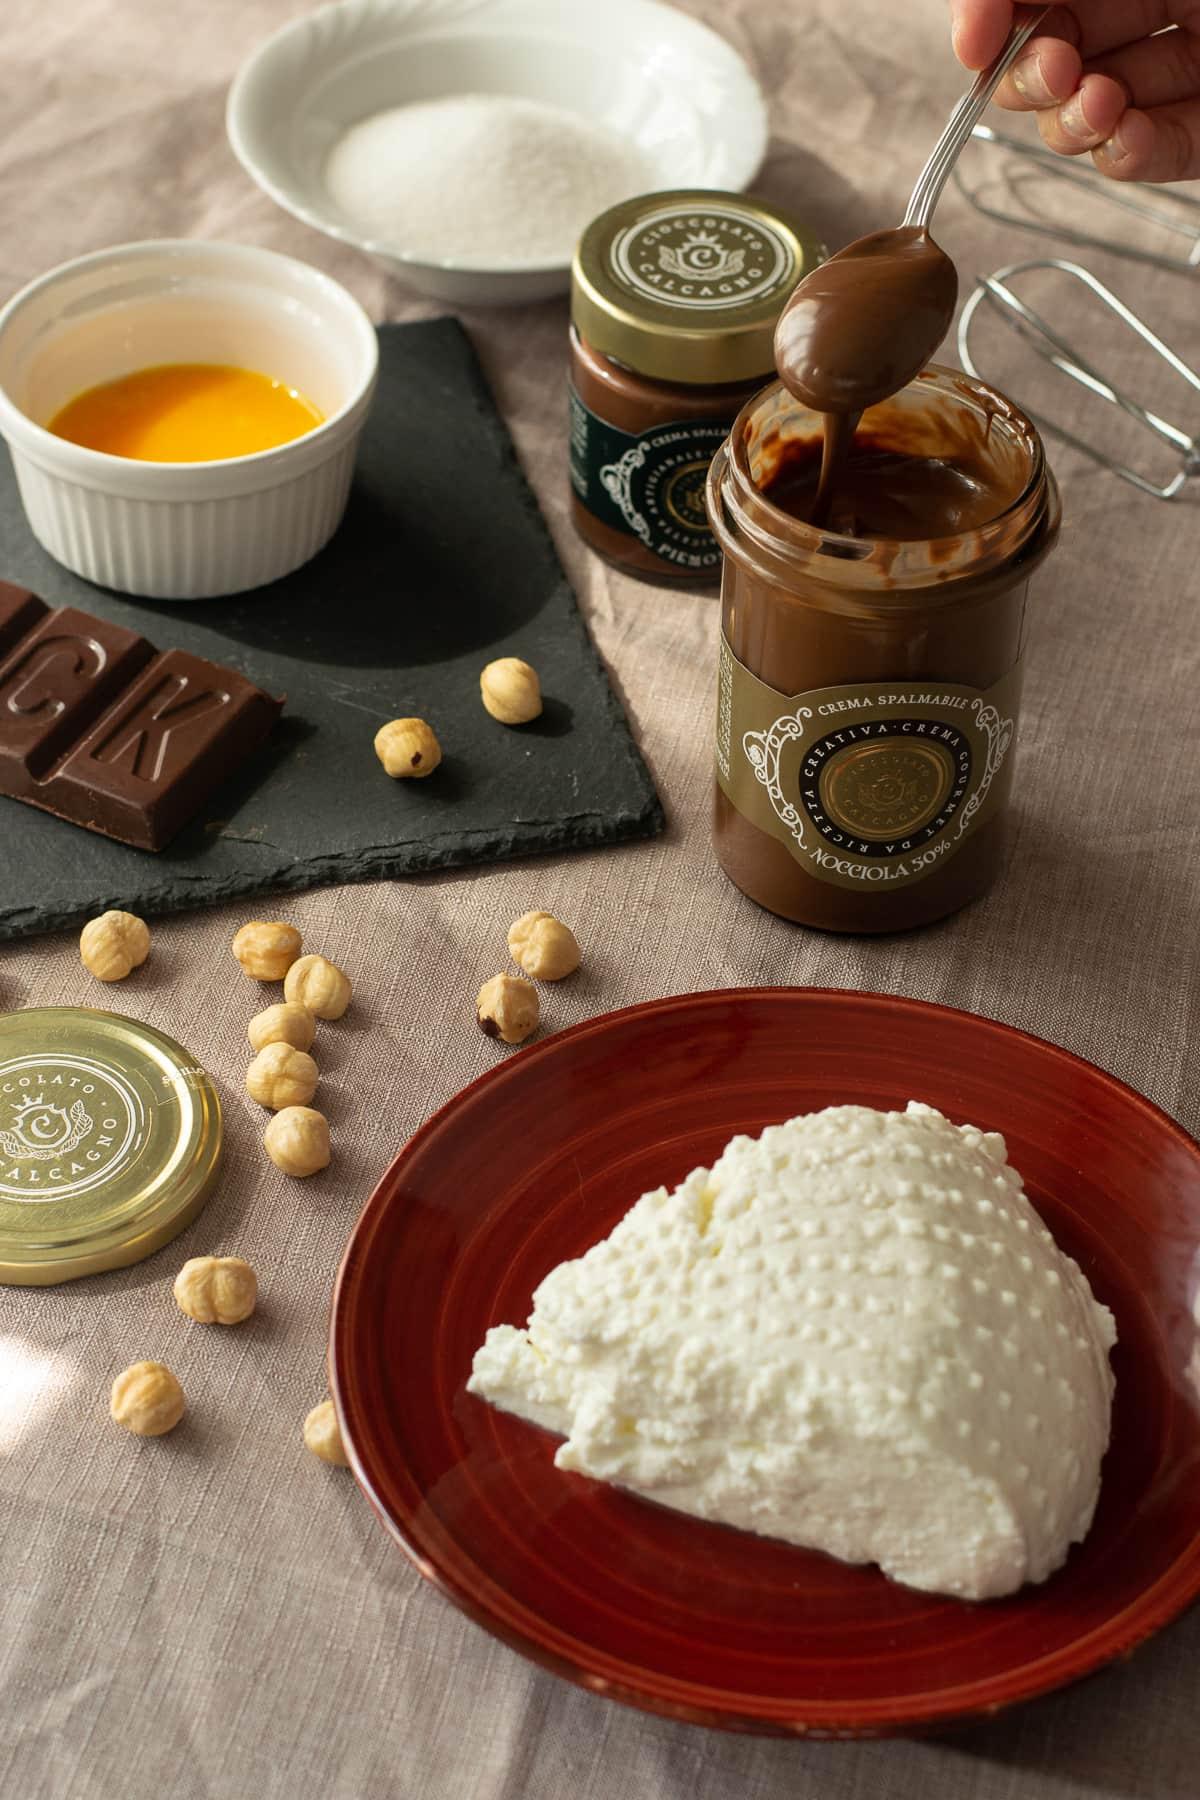 crema-piemonte-cioccolato-nocciole-calcagno